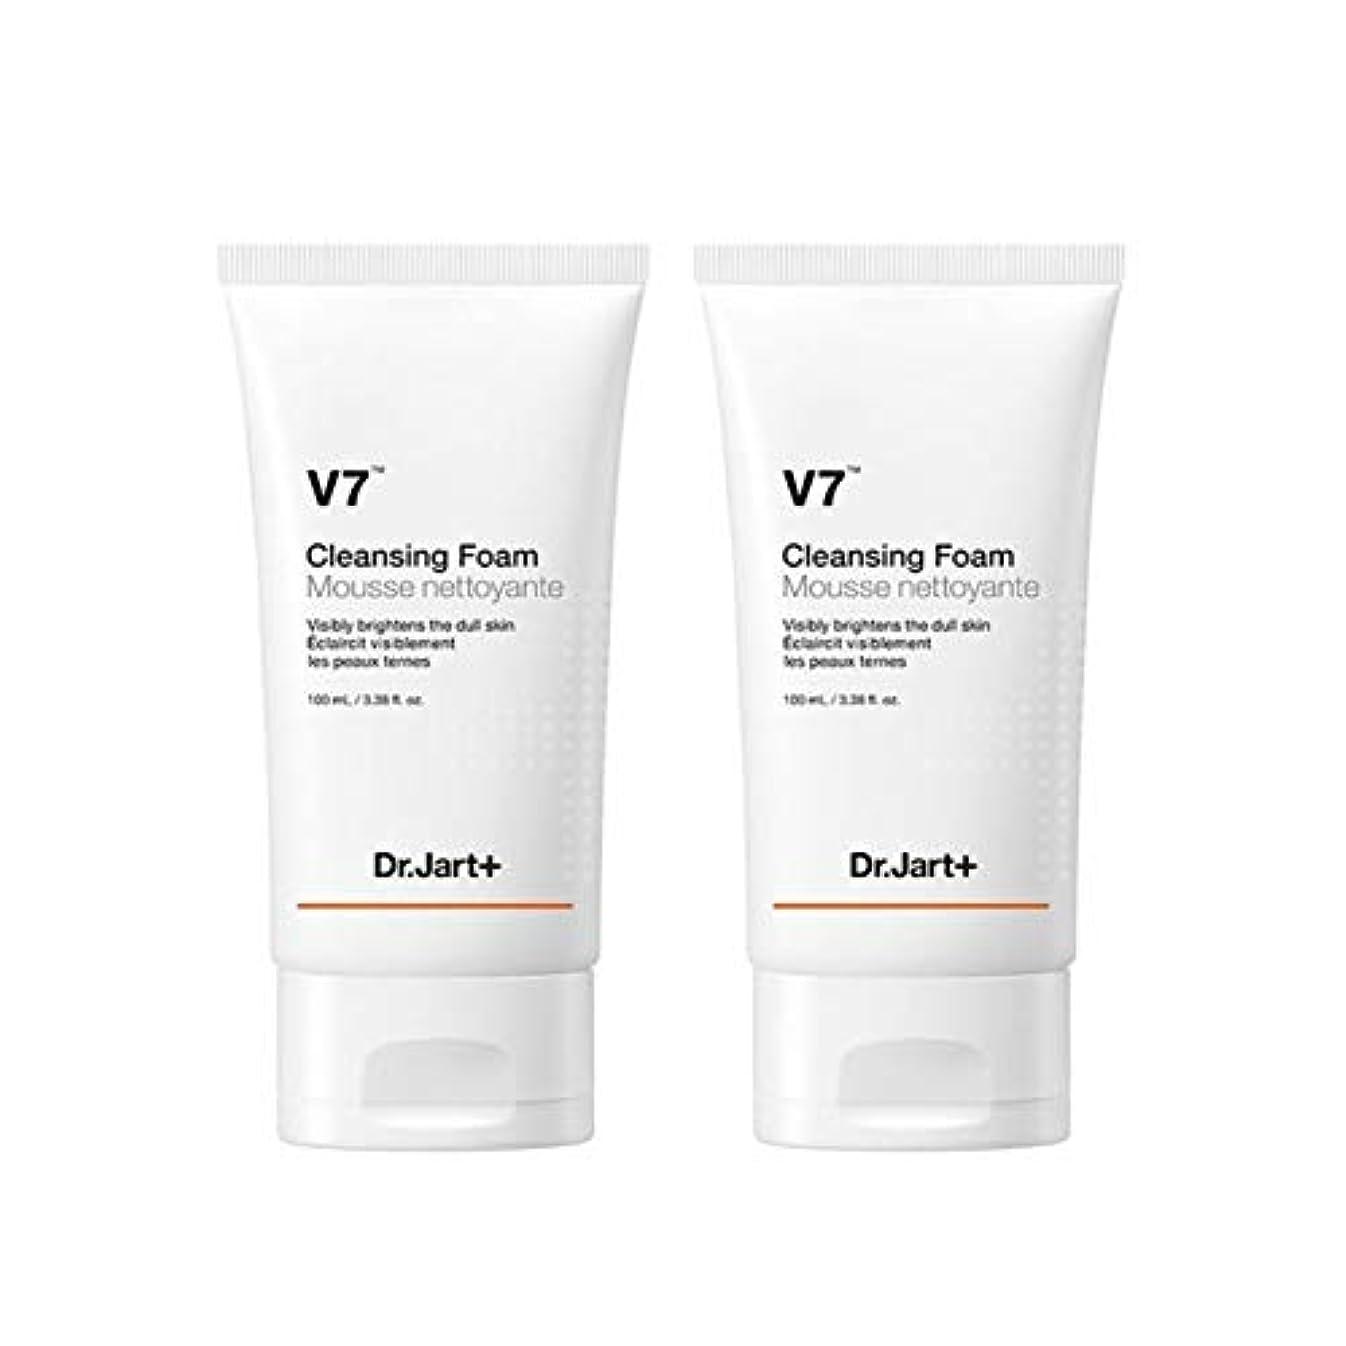 インターネット発行何故なのドクタージャルトゥV7クレンジングフォーム100mlx2本セット韓国コスメ、Dr.Jart V7 Cleansing Foam 100ml x 2ea Set Korean Cosmetics [並行輸入品]